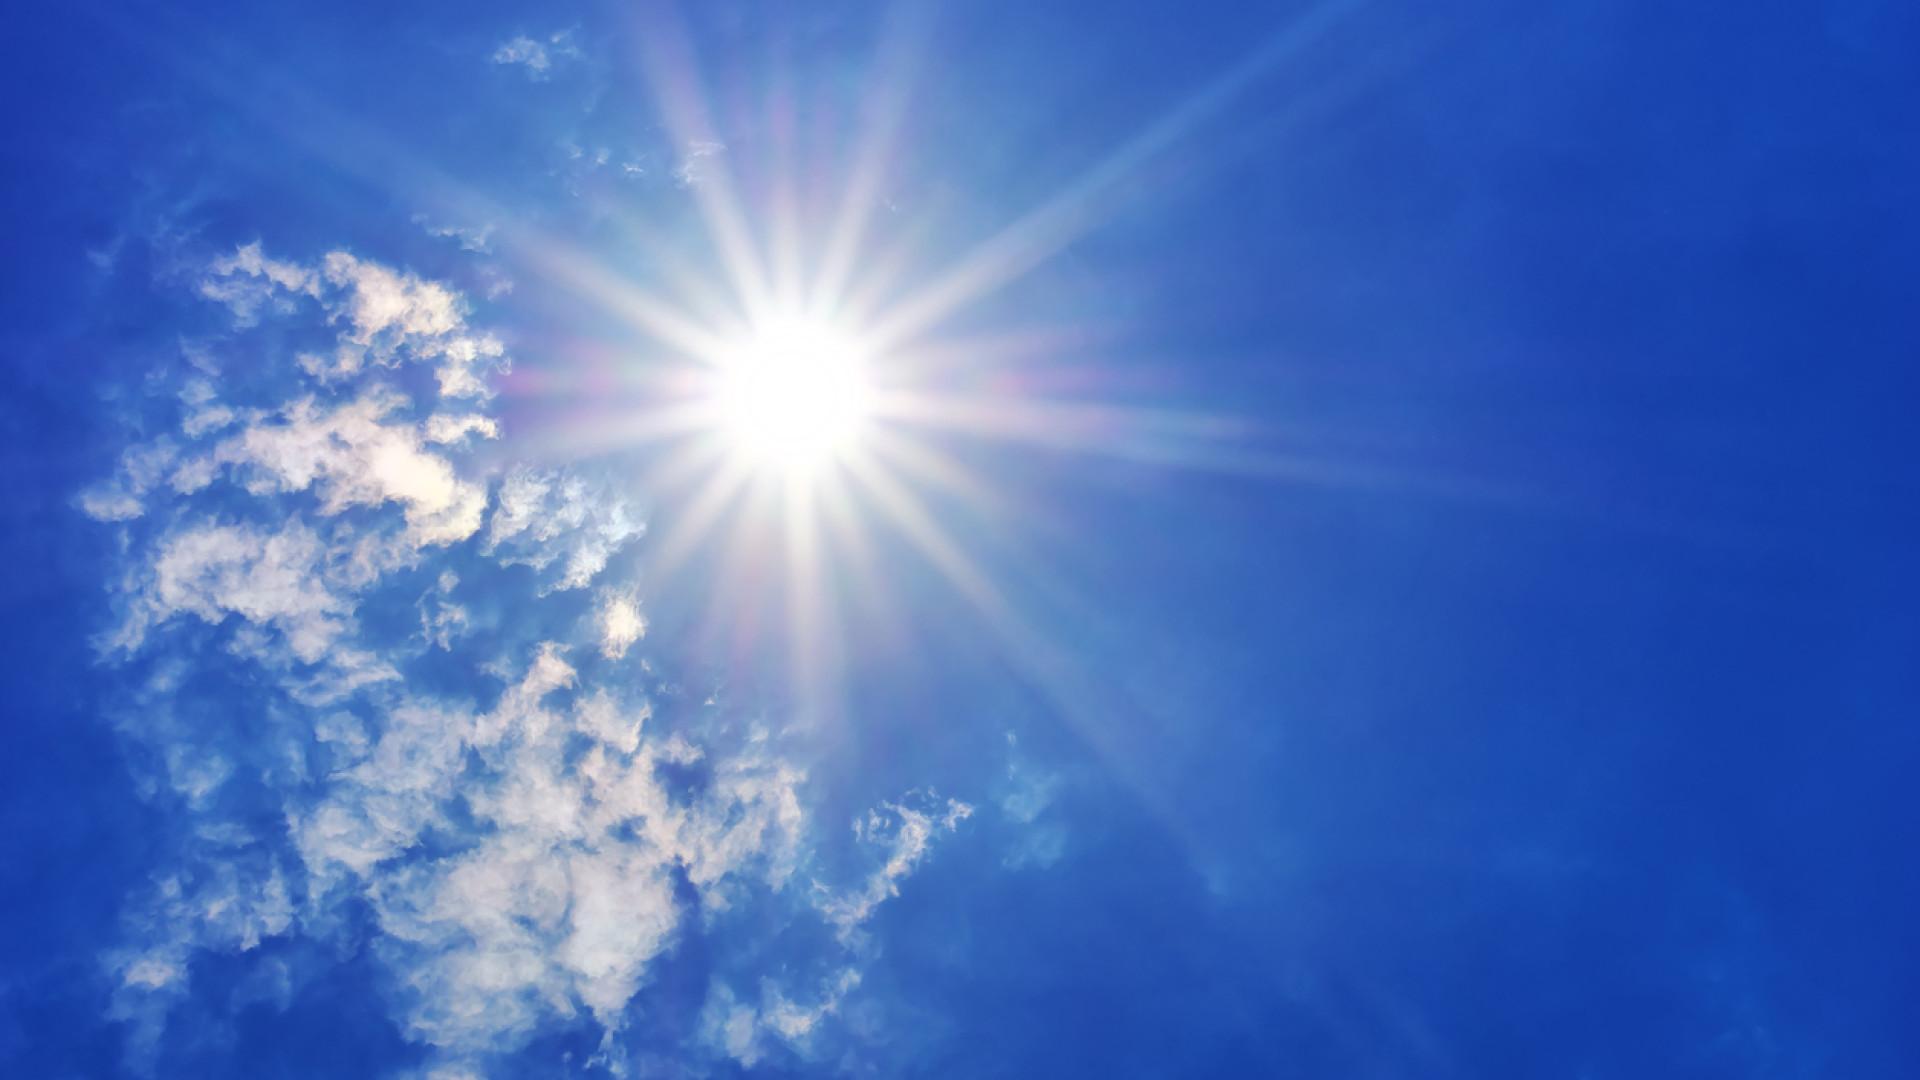 Onda de calor atinge Turquia com temperaturas máximas até 41 graus